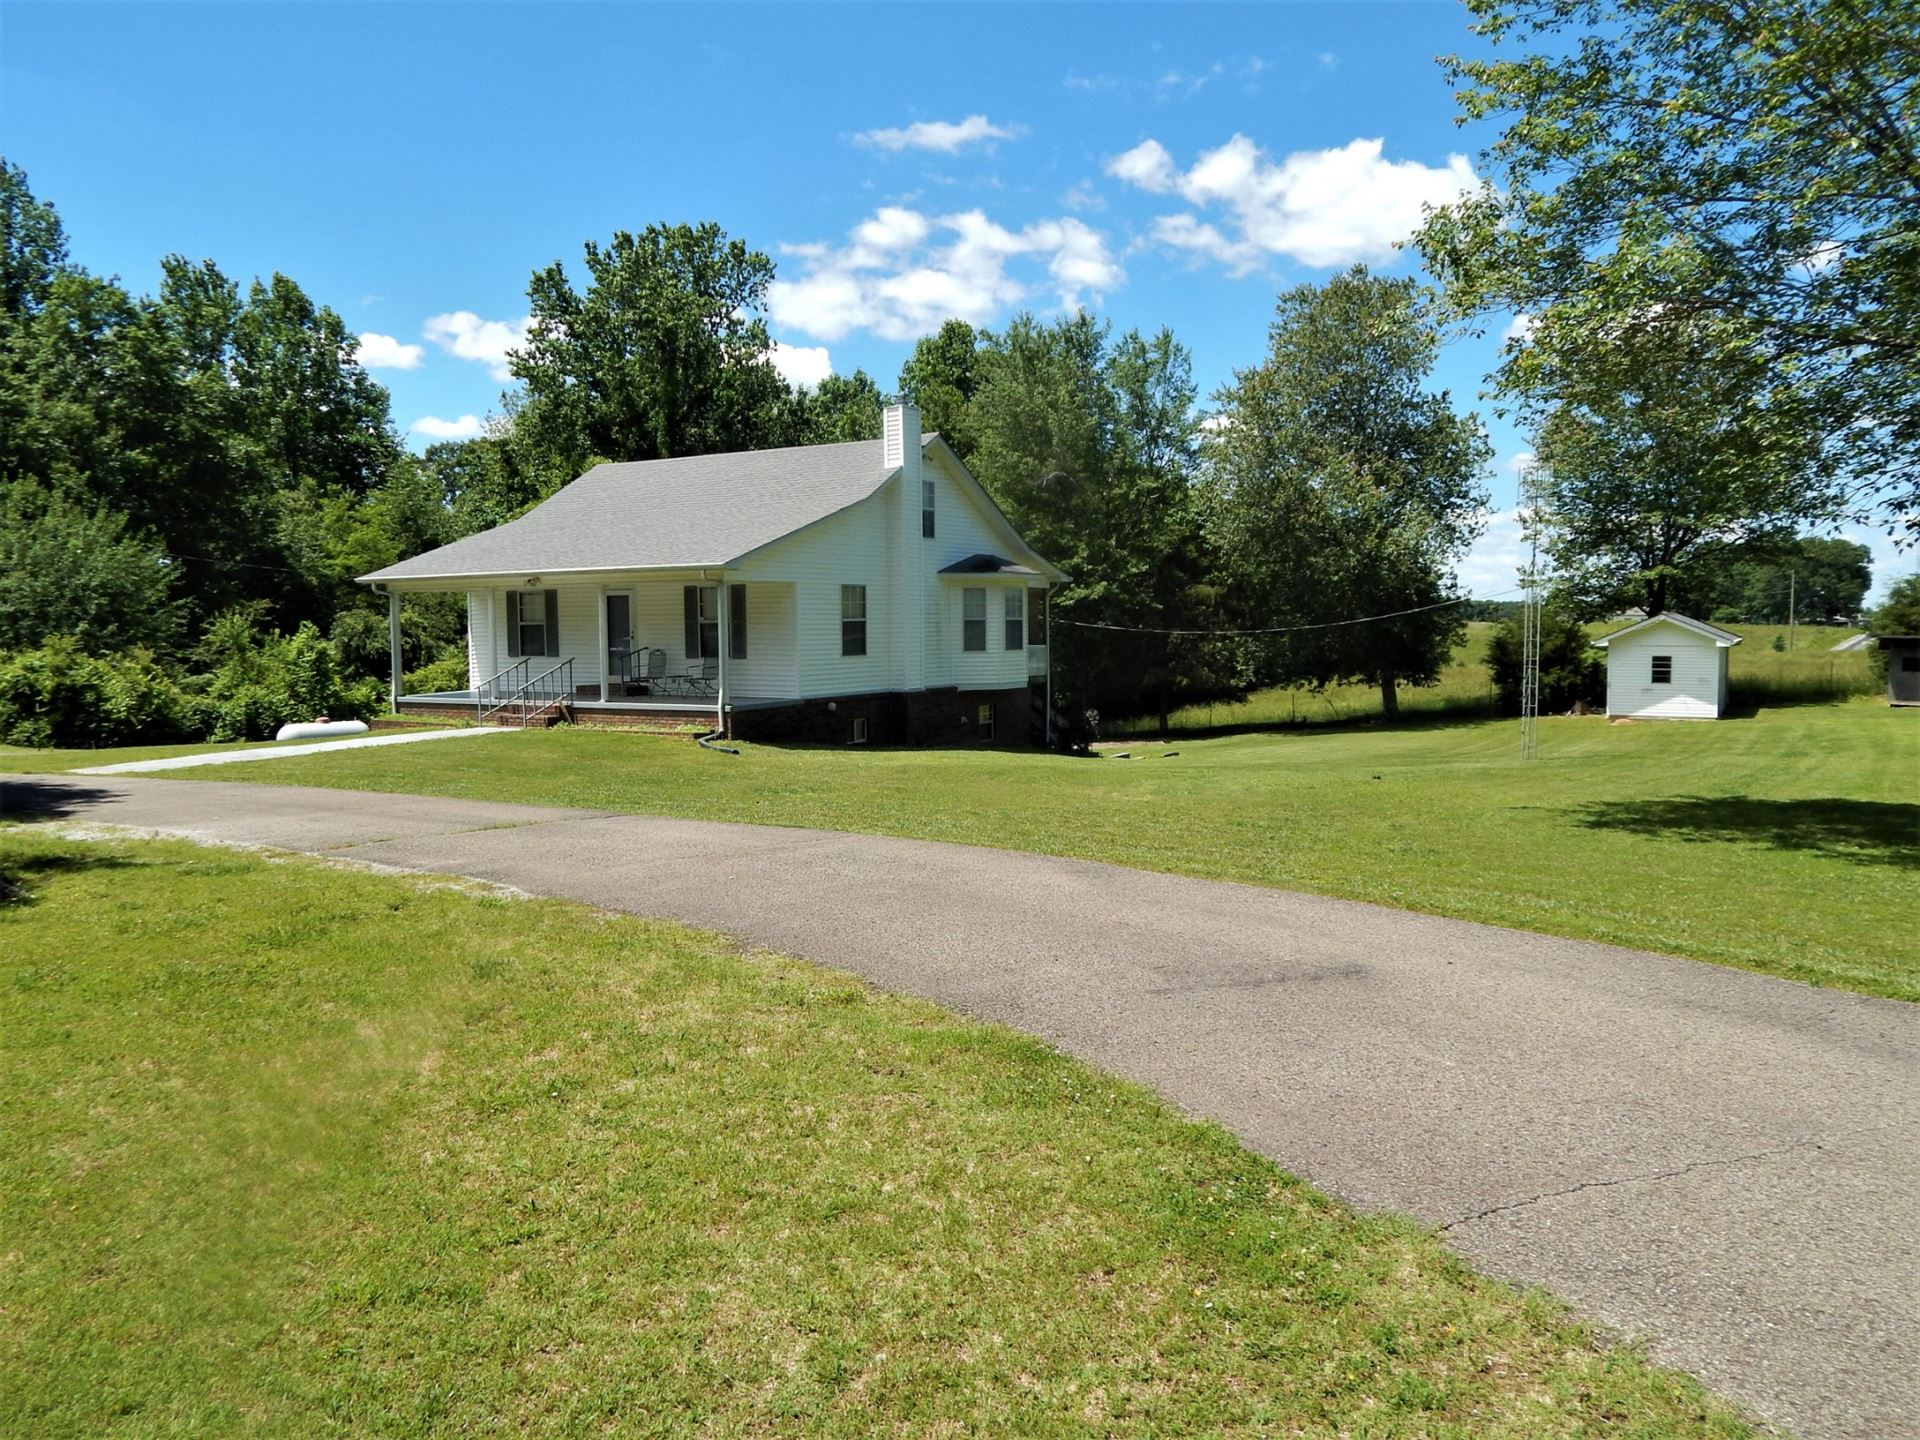 Photo of 2332 Collinwood HWY, Collinwood, TN 38450 (MLS # 2156053)